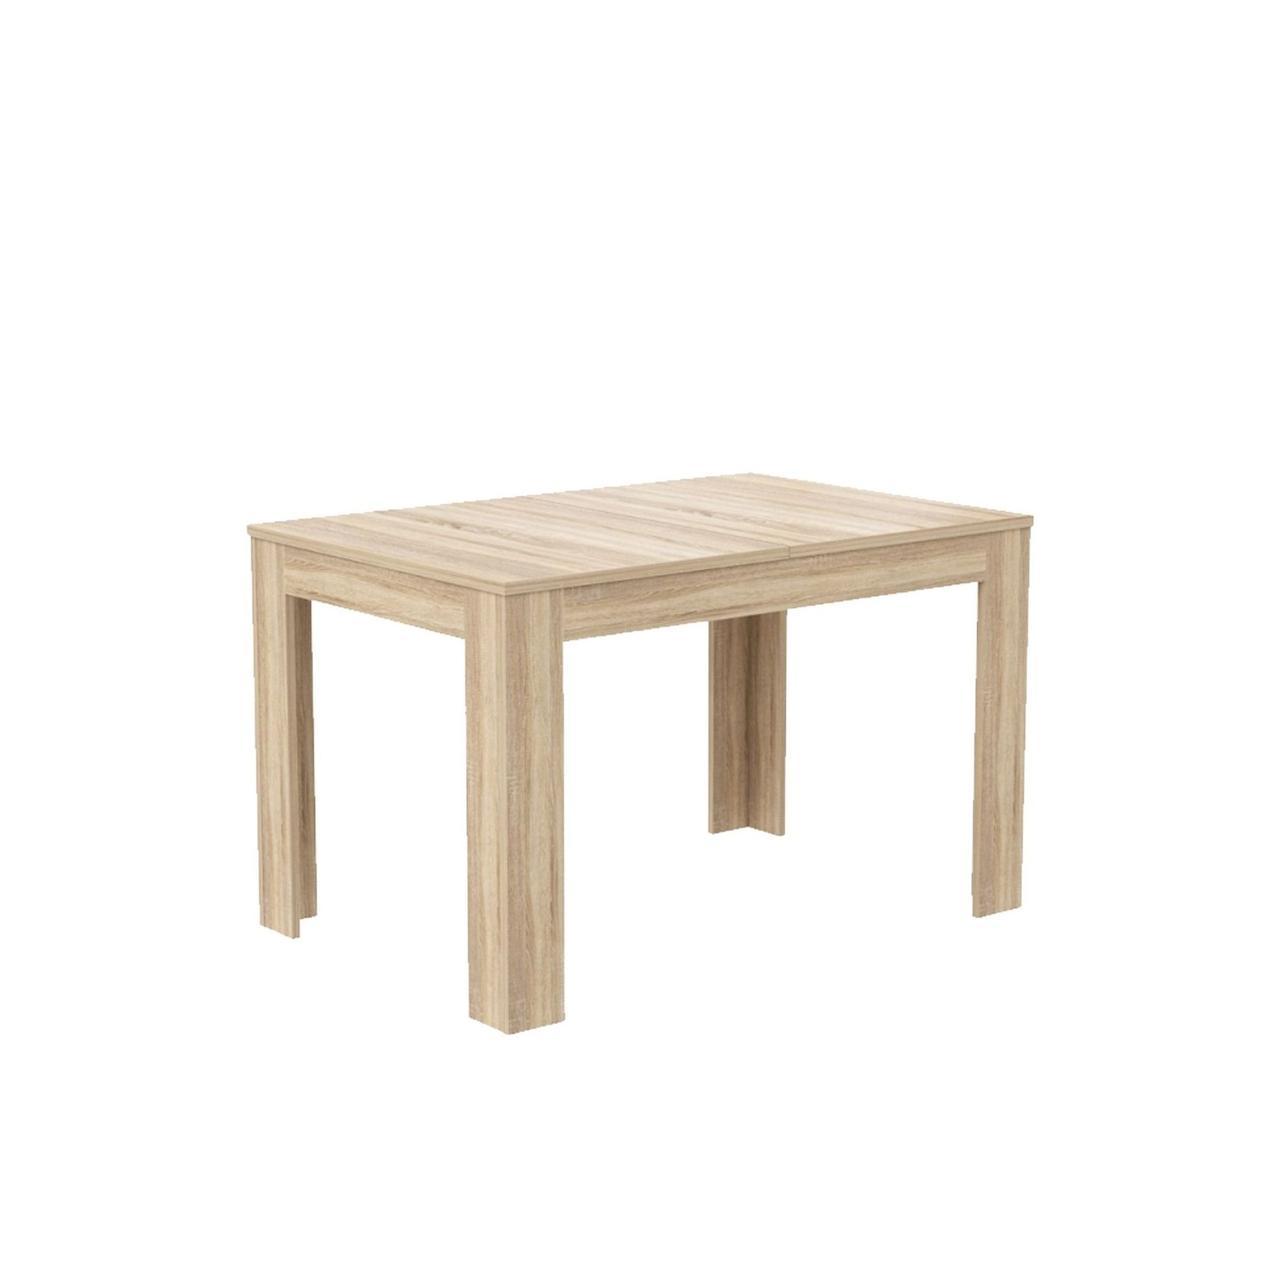 Стол обеденный деревянный EST405-D30 DINNING TABLES Forte дуб сонома